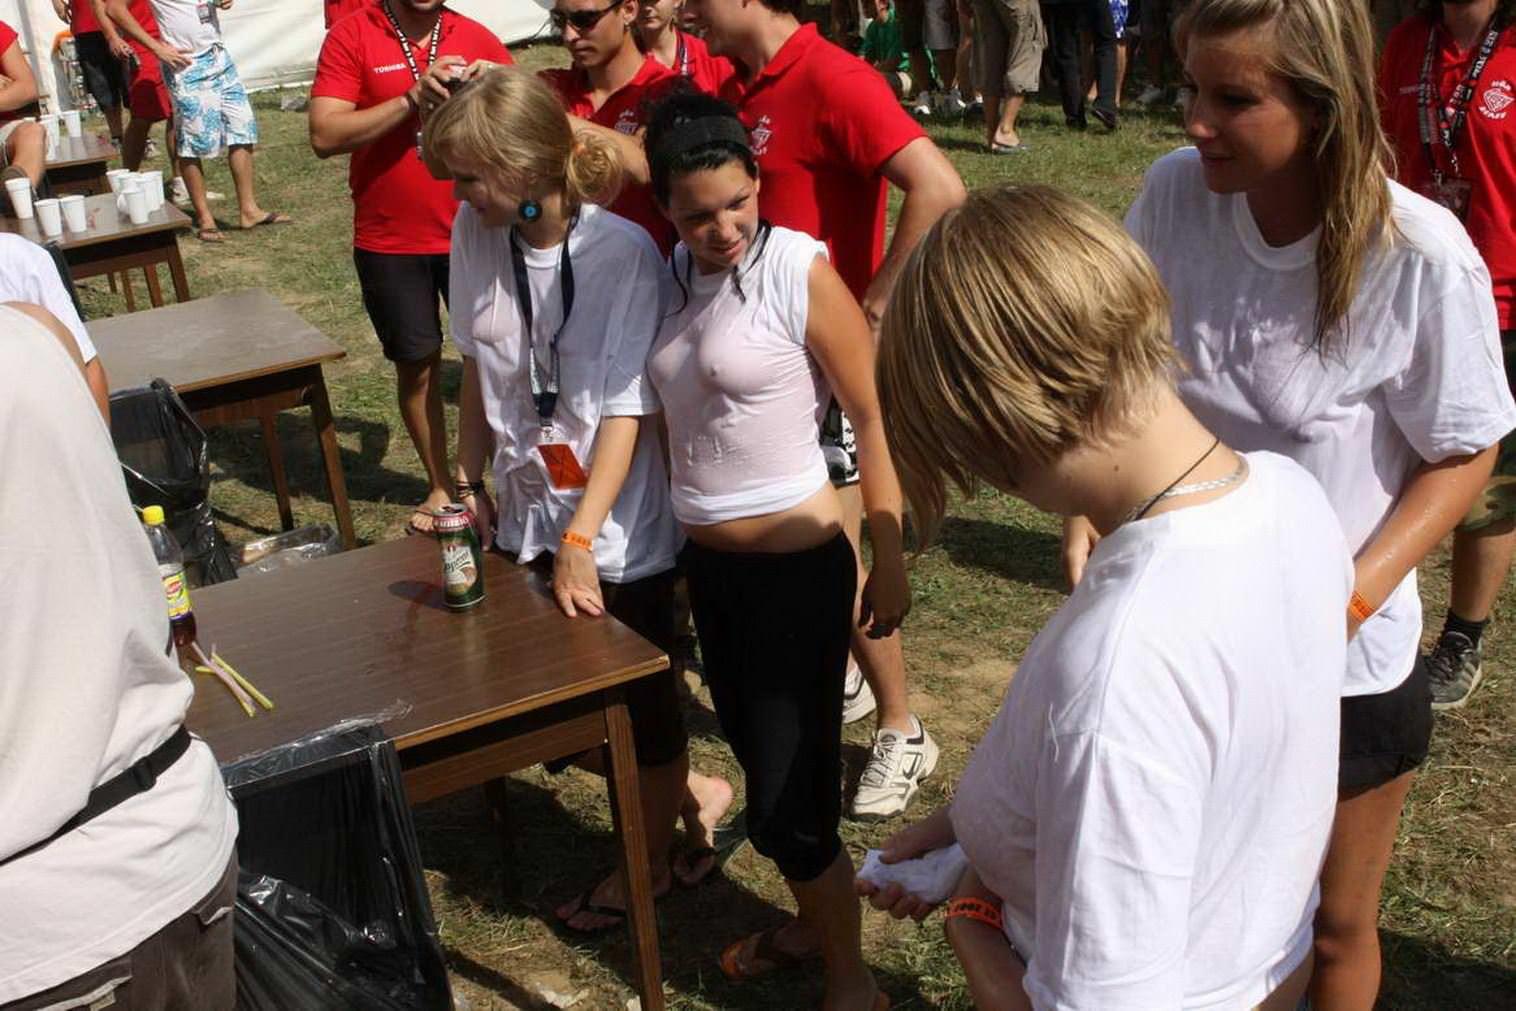 【外人】濡れTシャツフェスティバルで学生たちのおっぱいビショビショなポルノ画像 9223